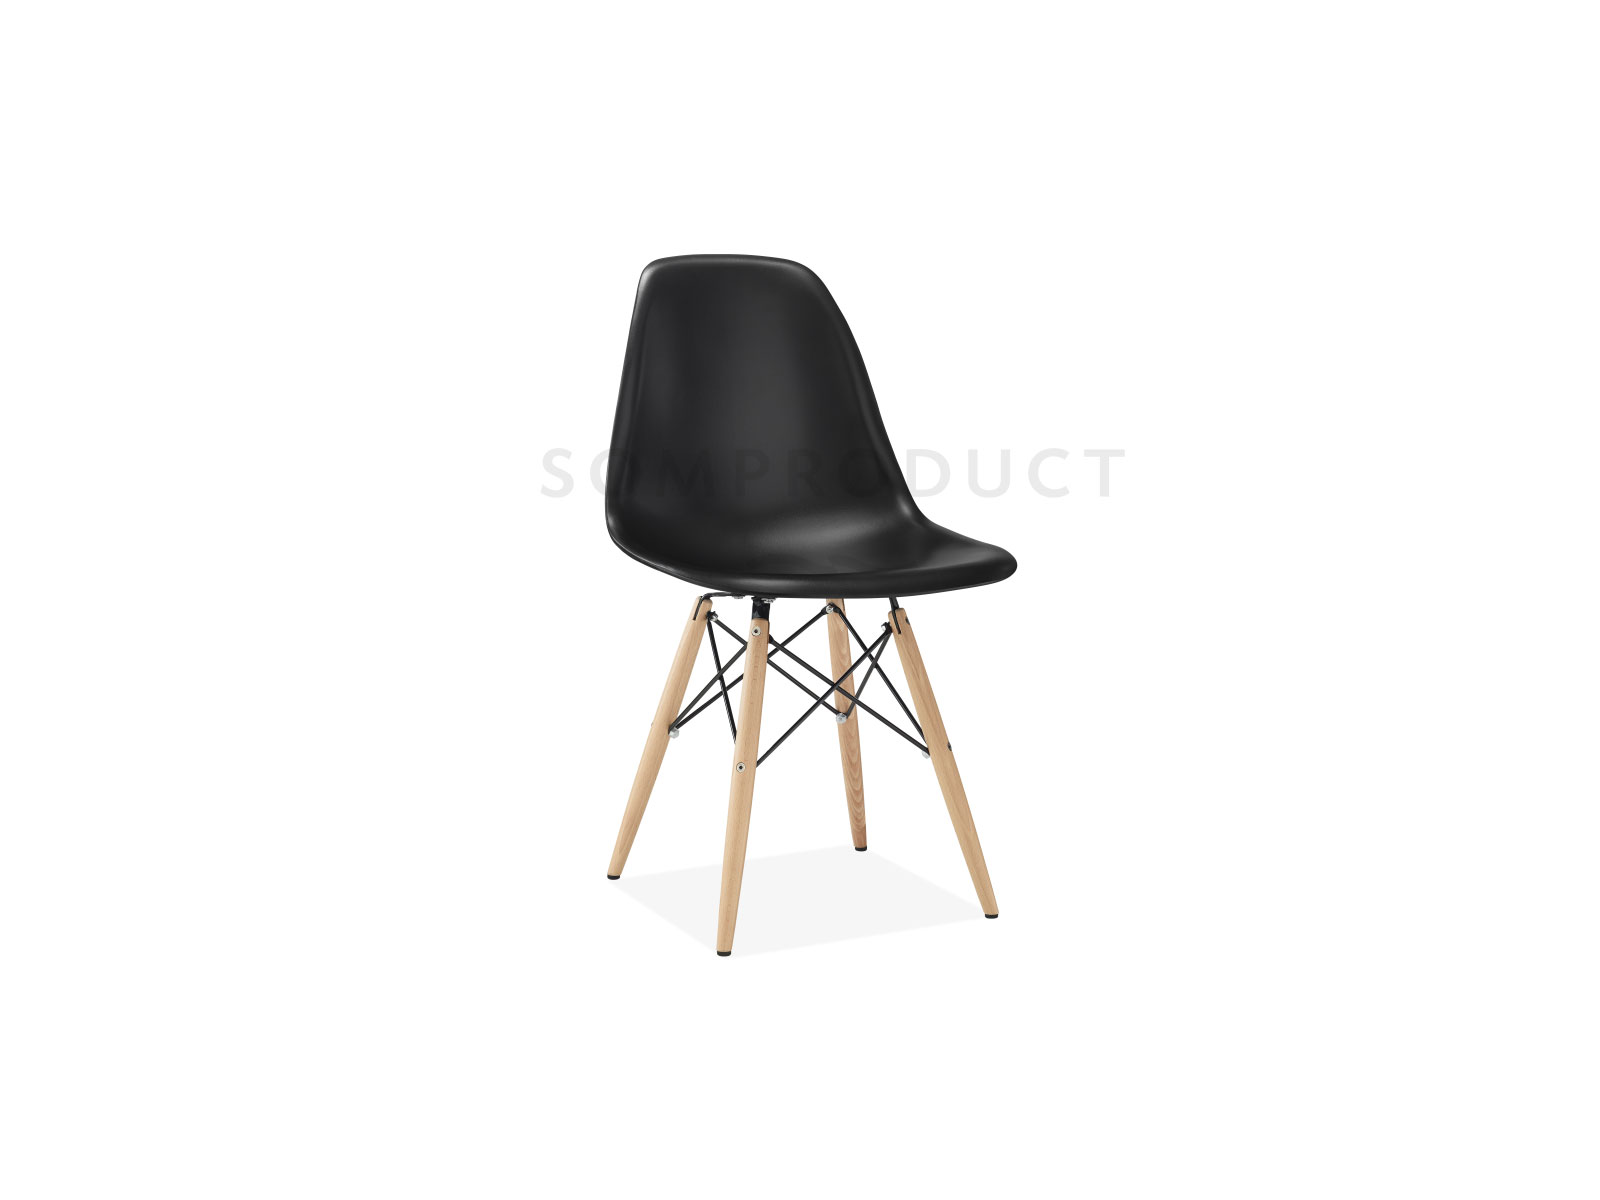 Scaun din plastic cu picioare din lemn Lois Black l46xA37xH81 cm